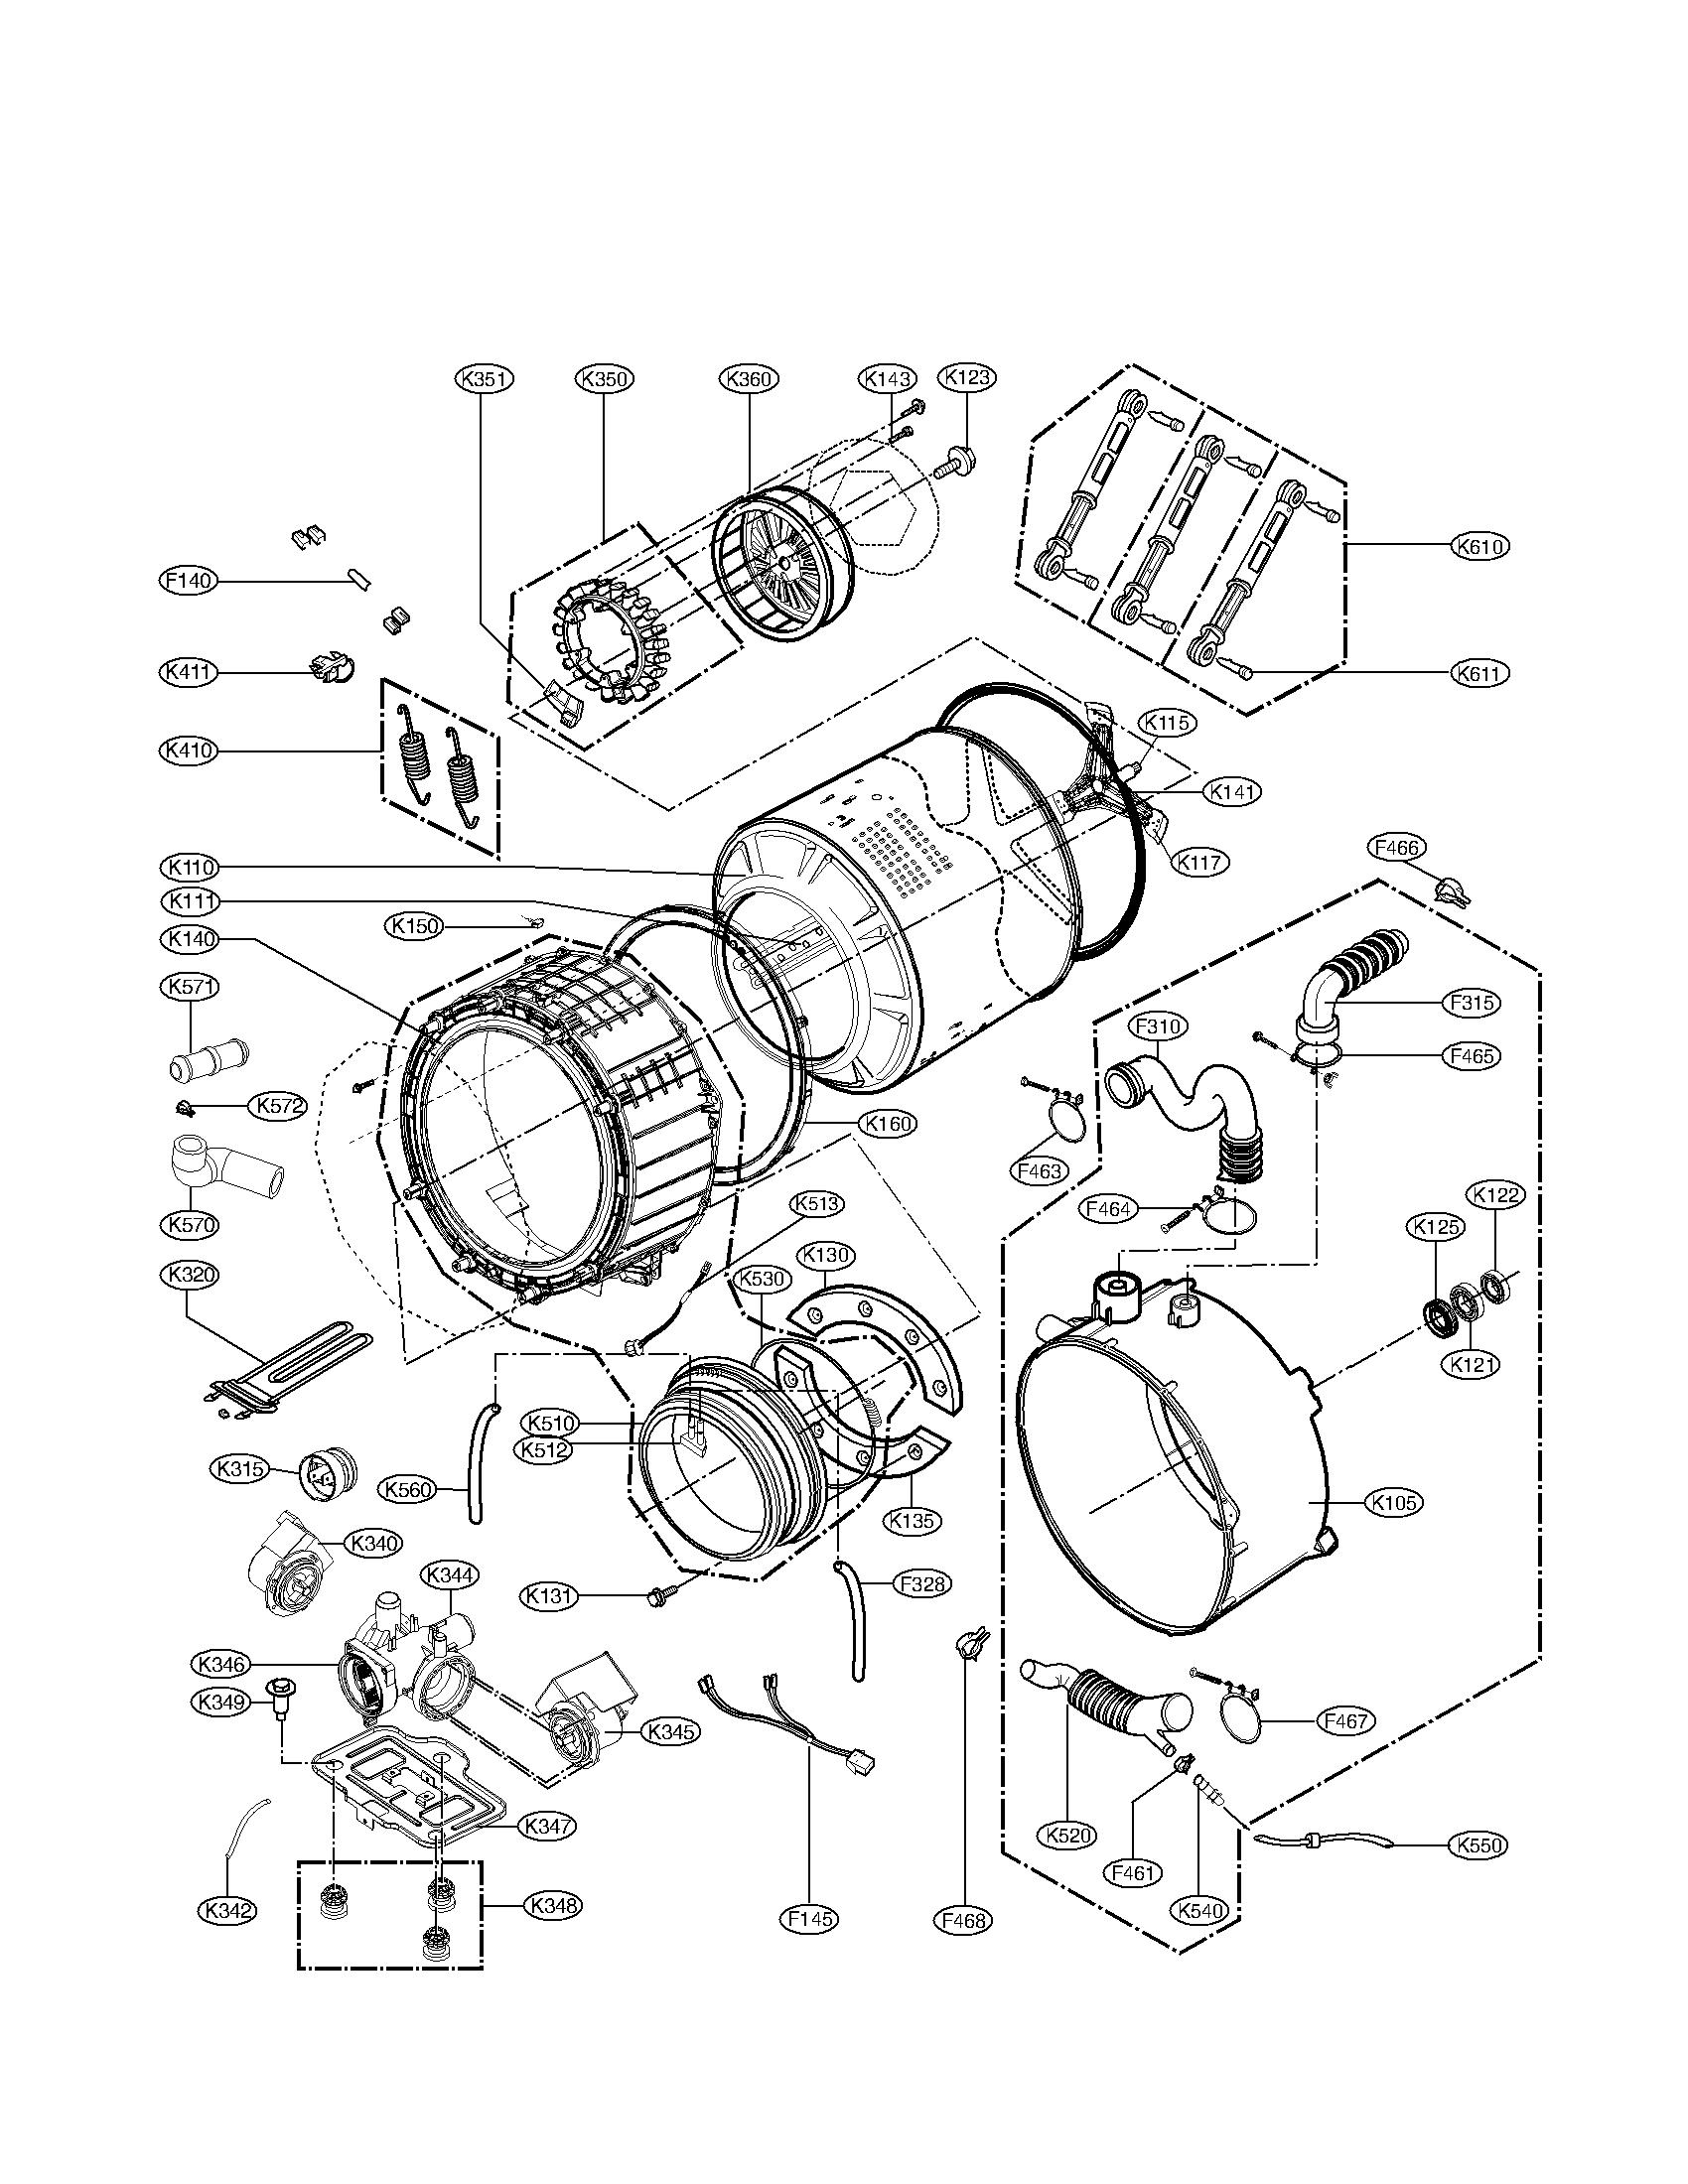 kenmore elite washer wiring diagram